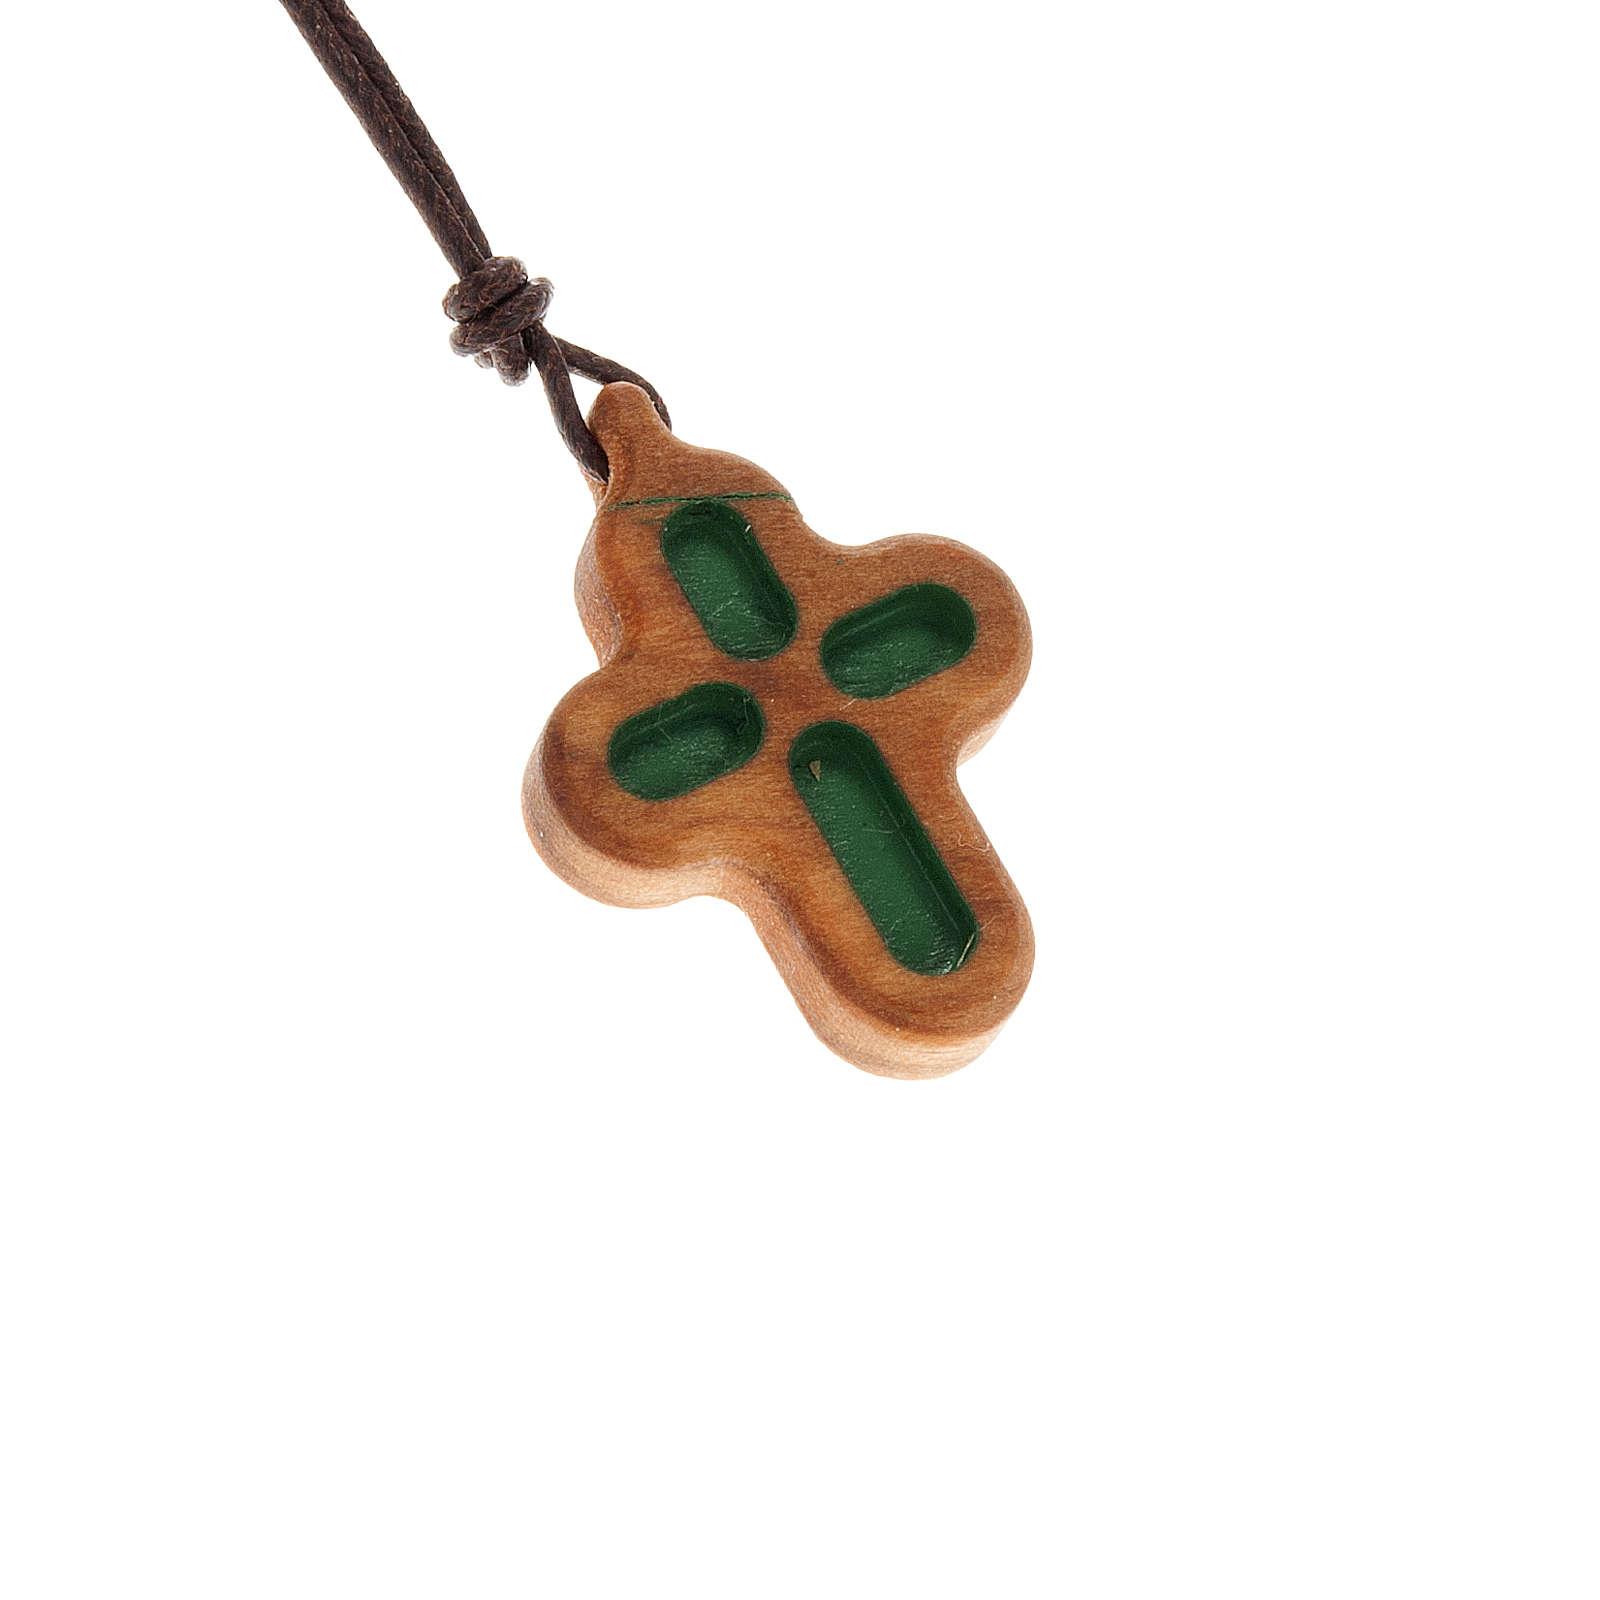 Croce incisa tondeggiante legno olivo 4